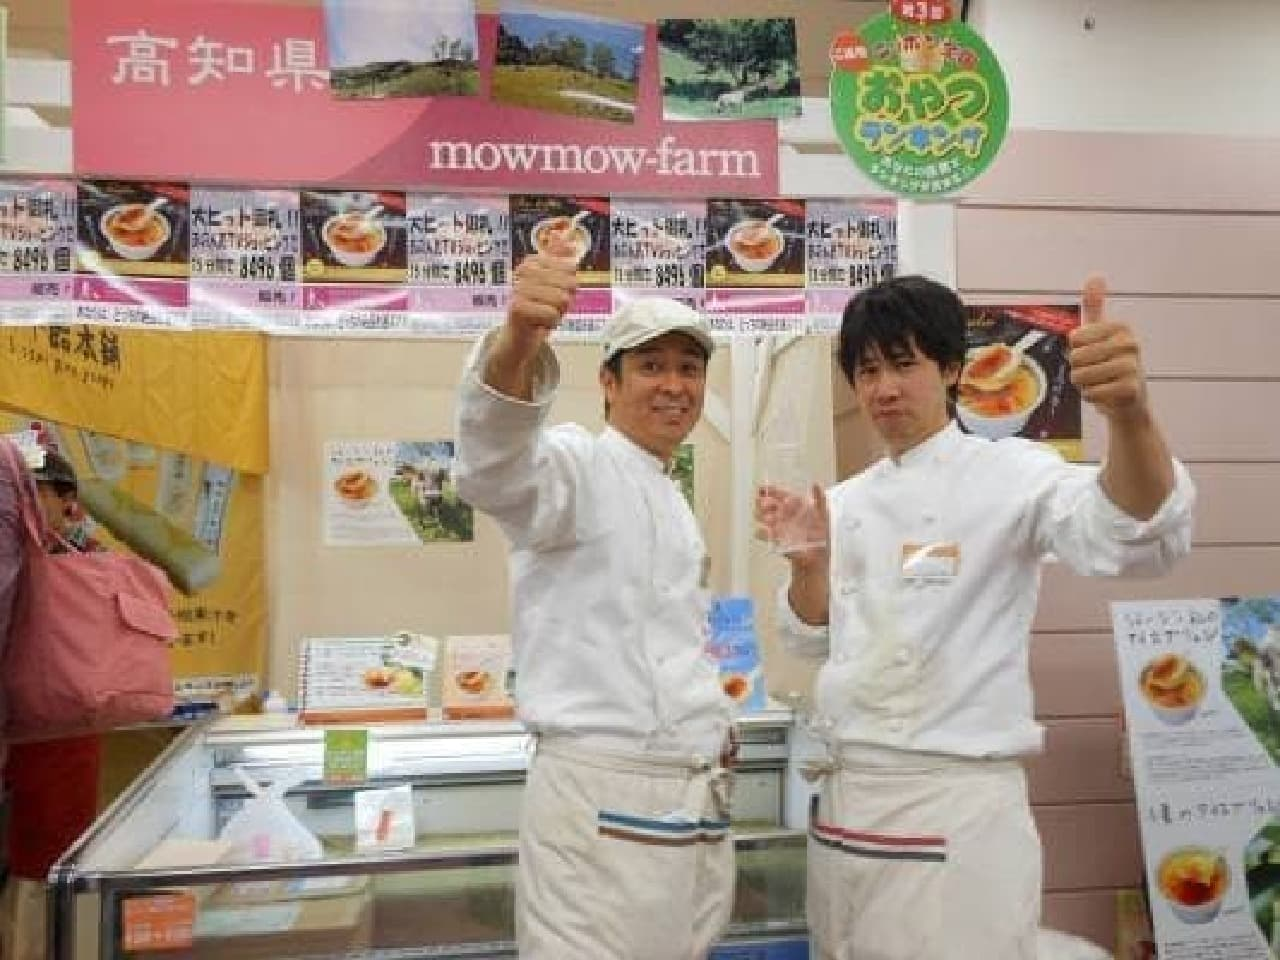 グランプリの喜びを語る mowmow-farm の春田聖史さん  (写真向かって左)